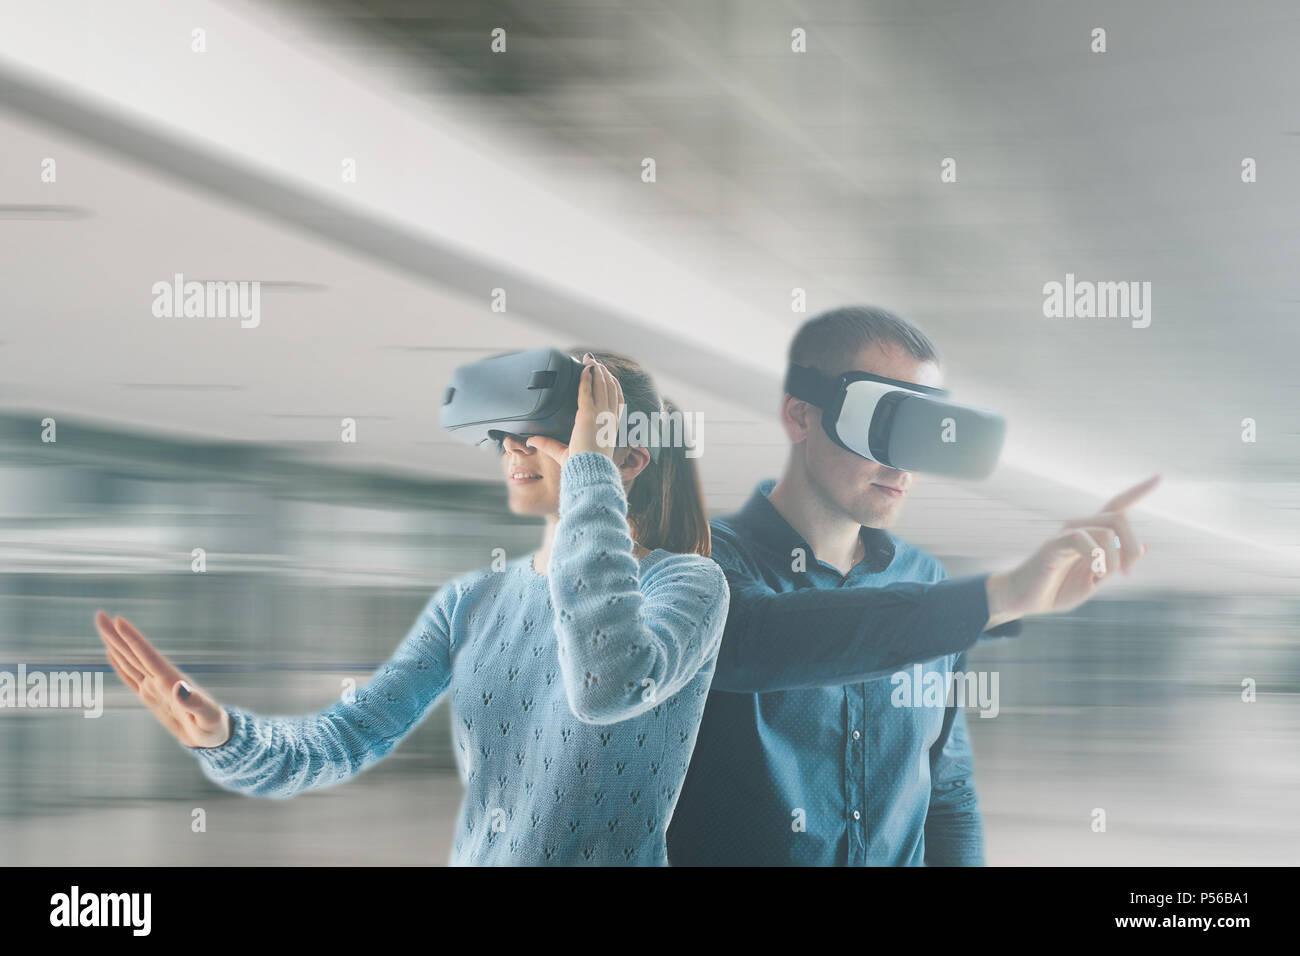 Una joven y un joven en gafas de realidad virtual.El concepto de las tecnologías modernas y las tecnologías del futuro. Gafas de VR. Imagen De Stock